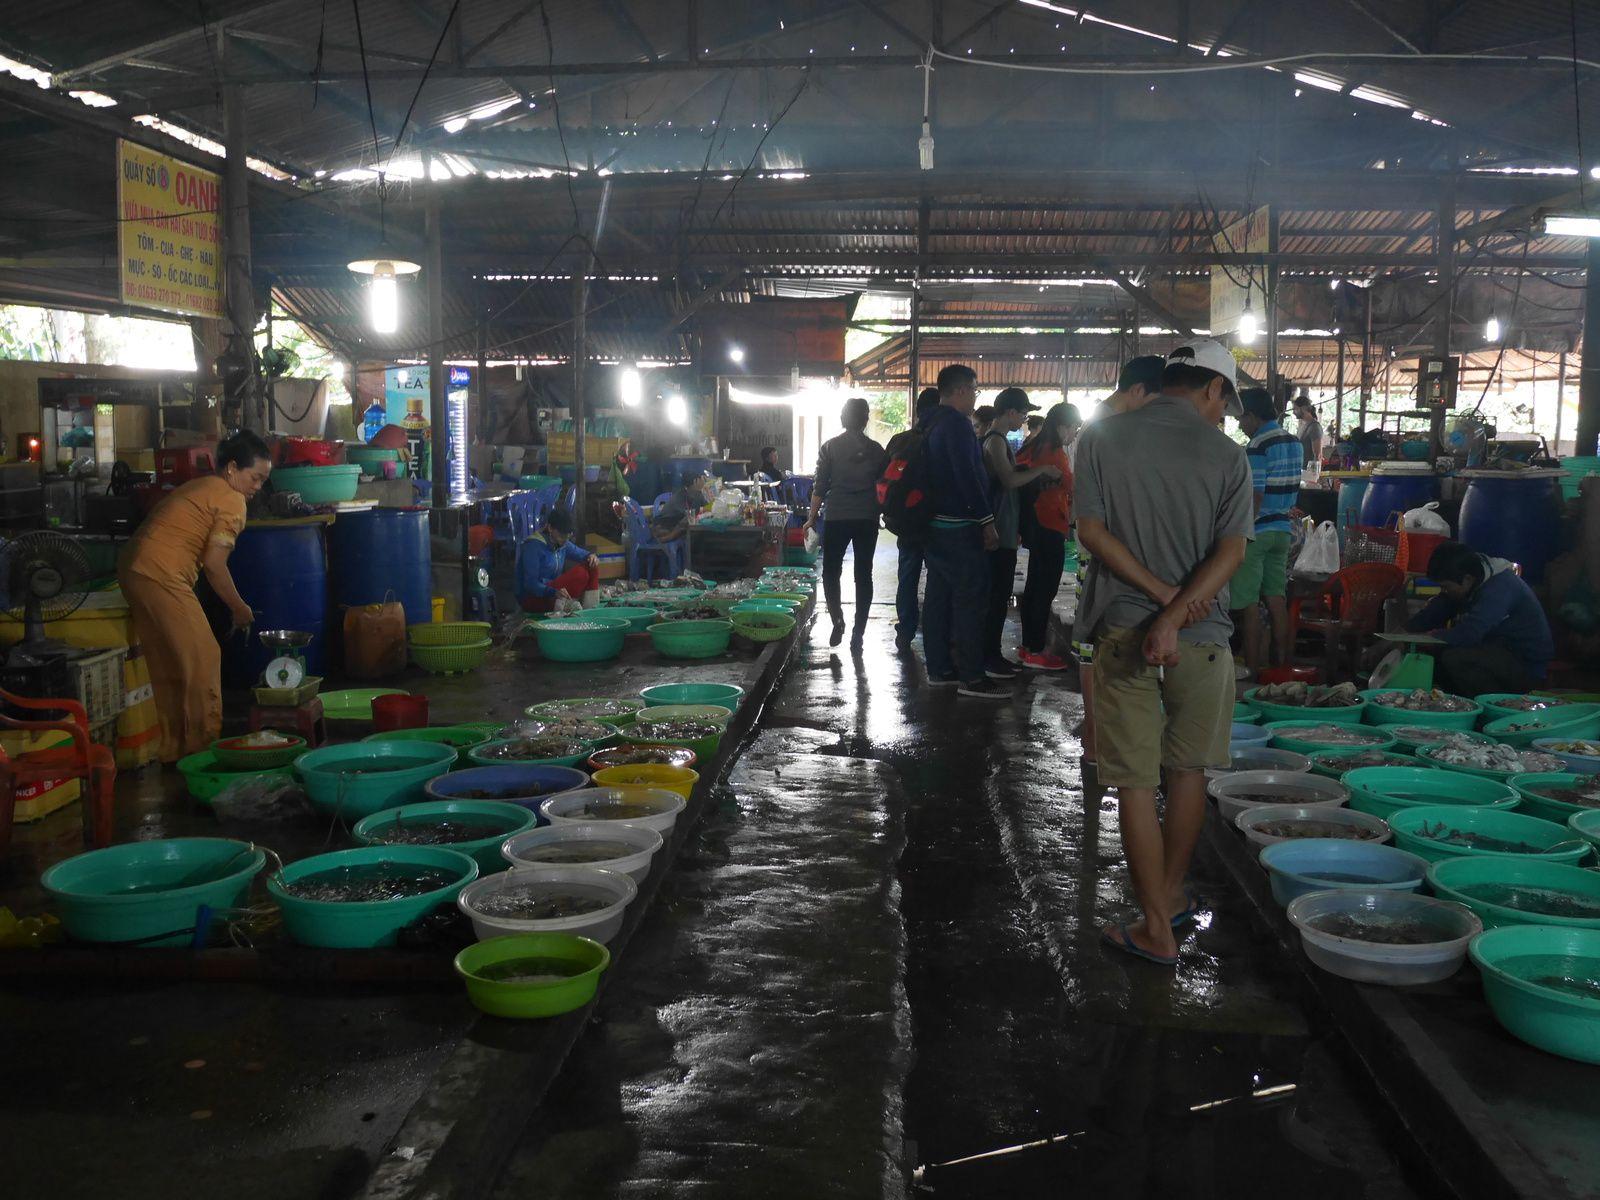 1. à 4. Monkey island    5. à 8. Seafood market    9. à 13. Parc avec les gentils singes  14. Ceci est supposé être une sorte de noix de coco  15. Dernier dîner au Vietnam